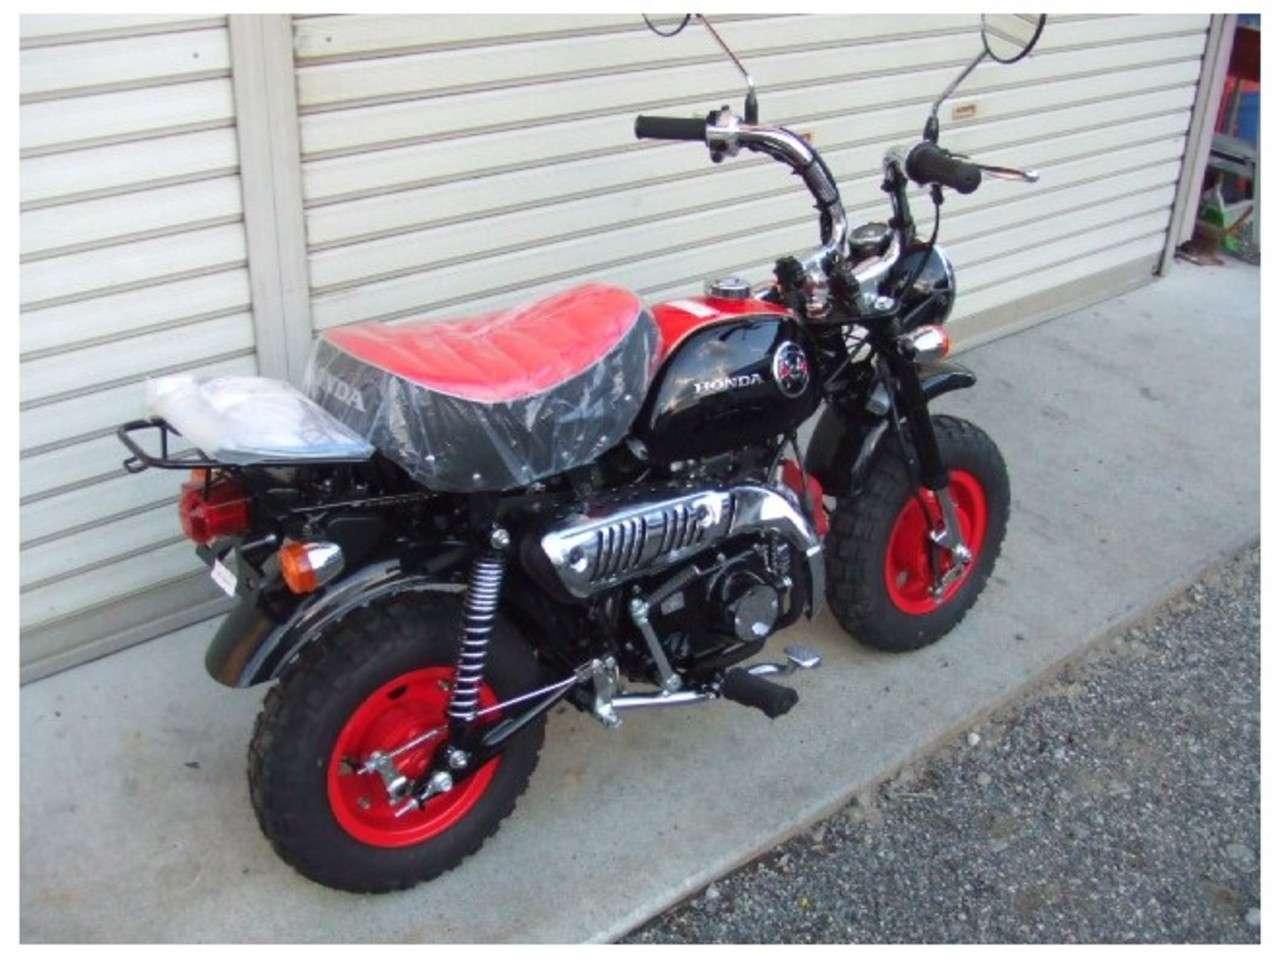 ジモティー 沖縄 バイク